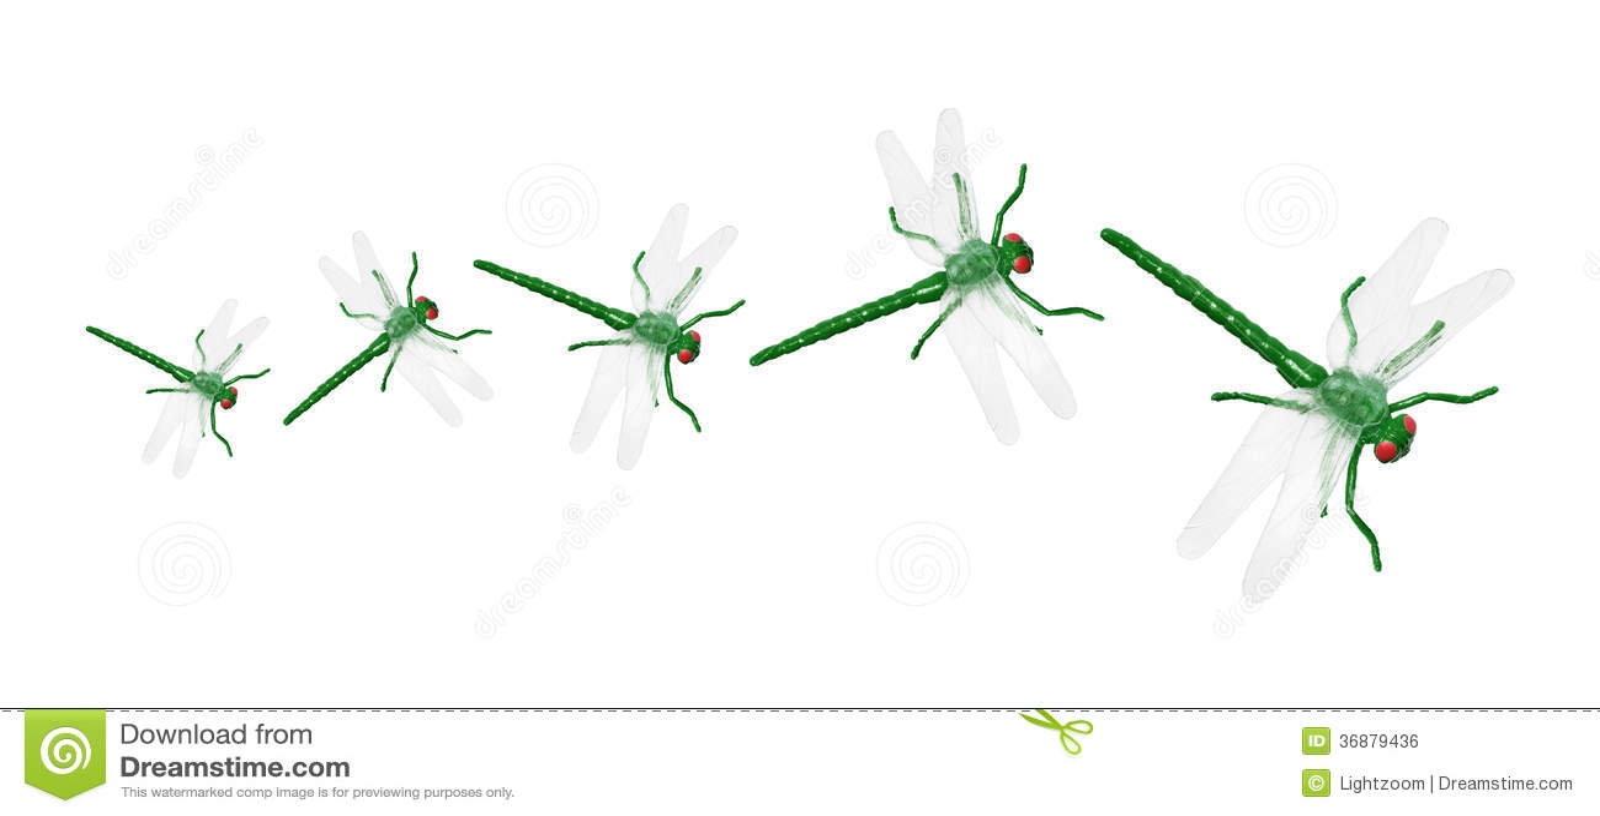 Download Toy Dragonflies fotografia stock. Immagine di invertebrati - 36879436